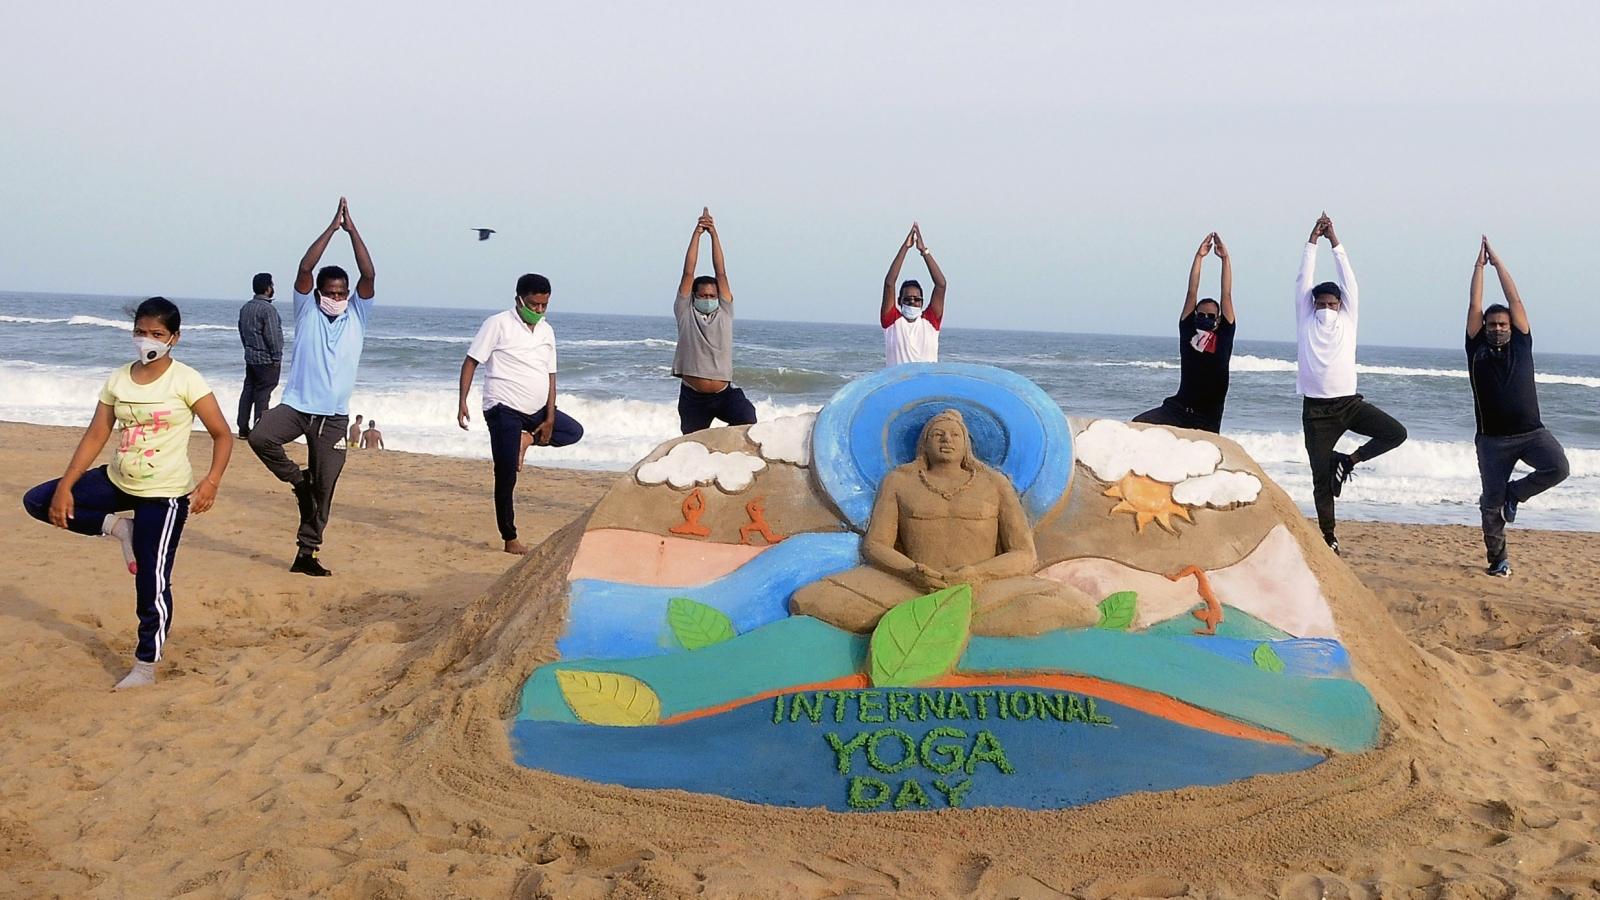 """Thủ tướng Ấn Độ: """"Yoga mang lại tia hy vọng giữa đại dịch Covid-19"""""""